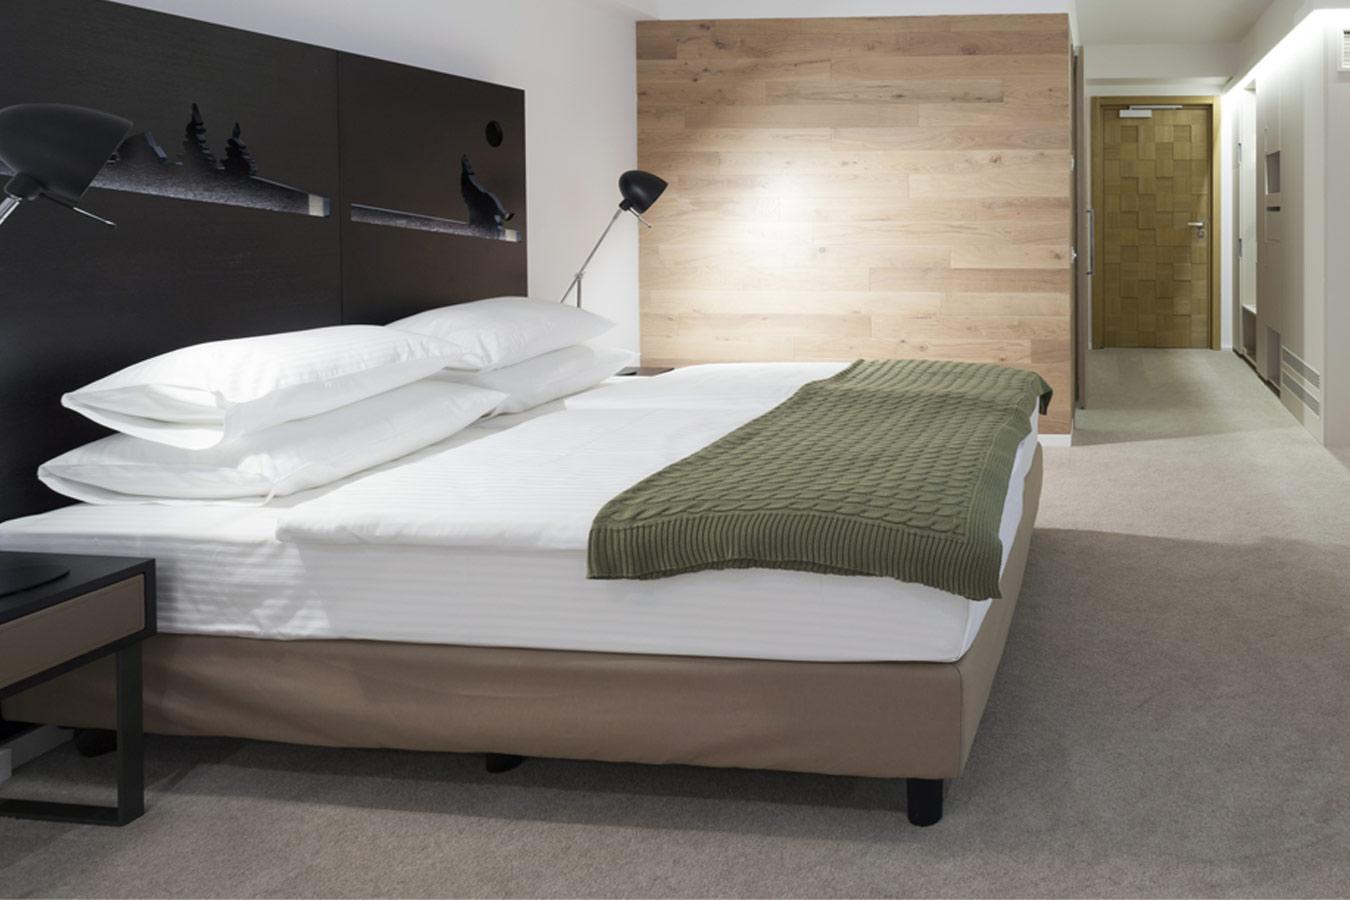 Moderne slaapkamer idee n inspiratie - Keramische inrichting badkamer ...